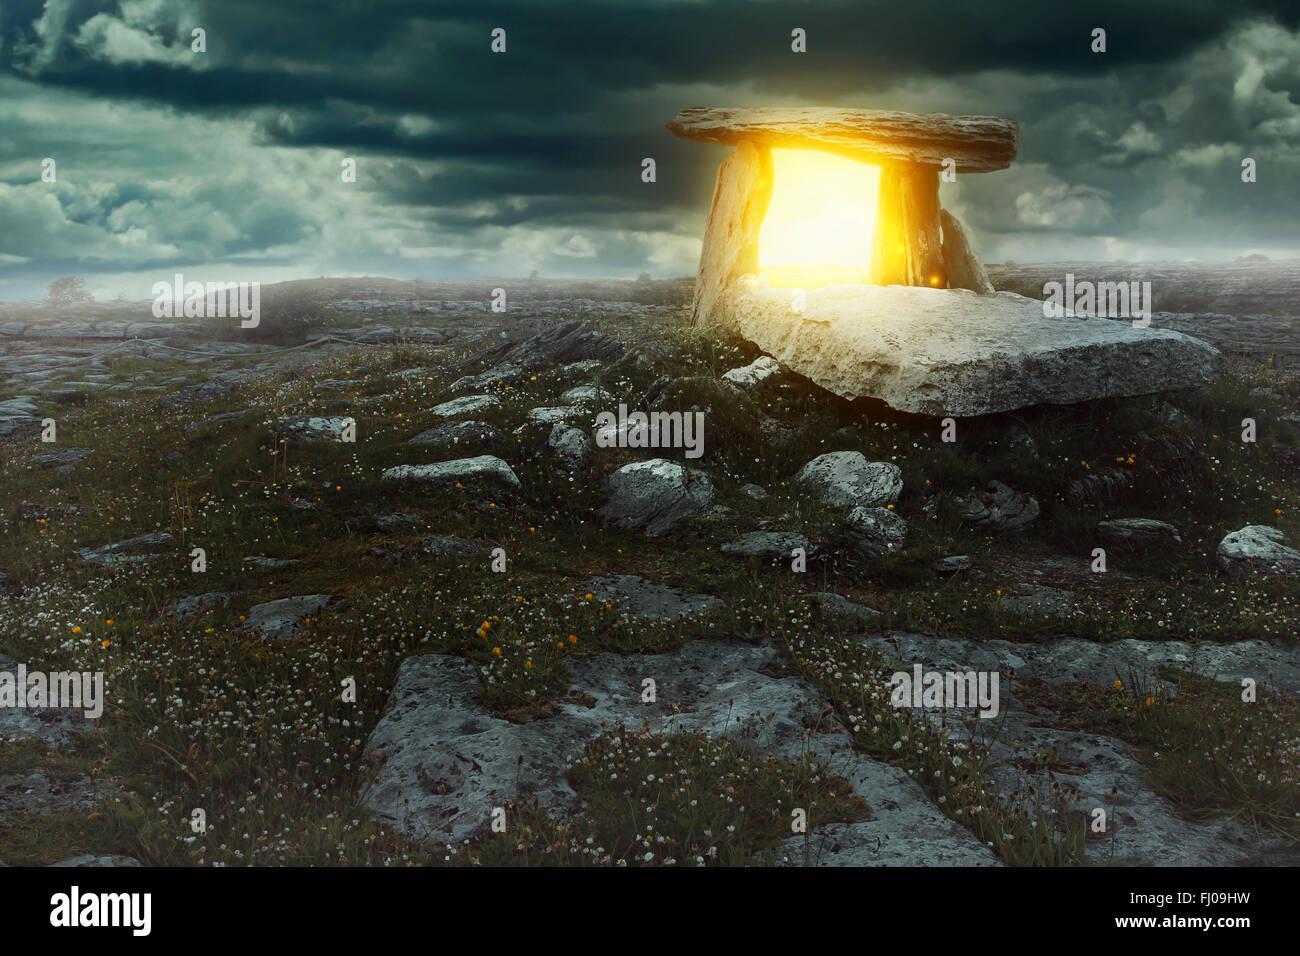 Magisches Portal in ein geheimnisvolles Land. Surreale und phantastische Konzept Stockbild